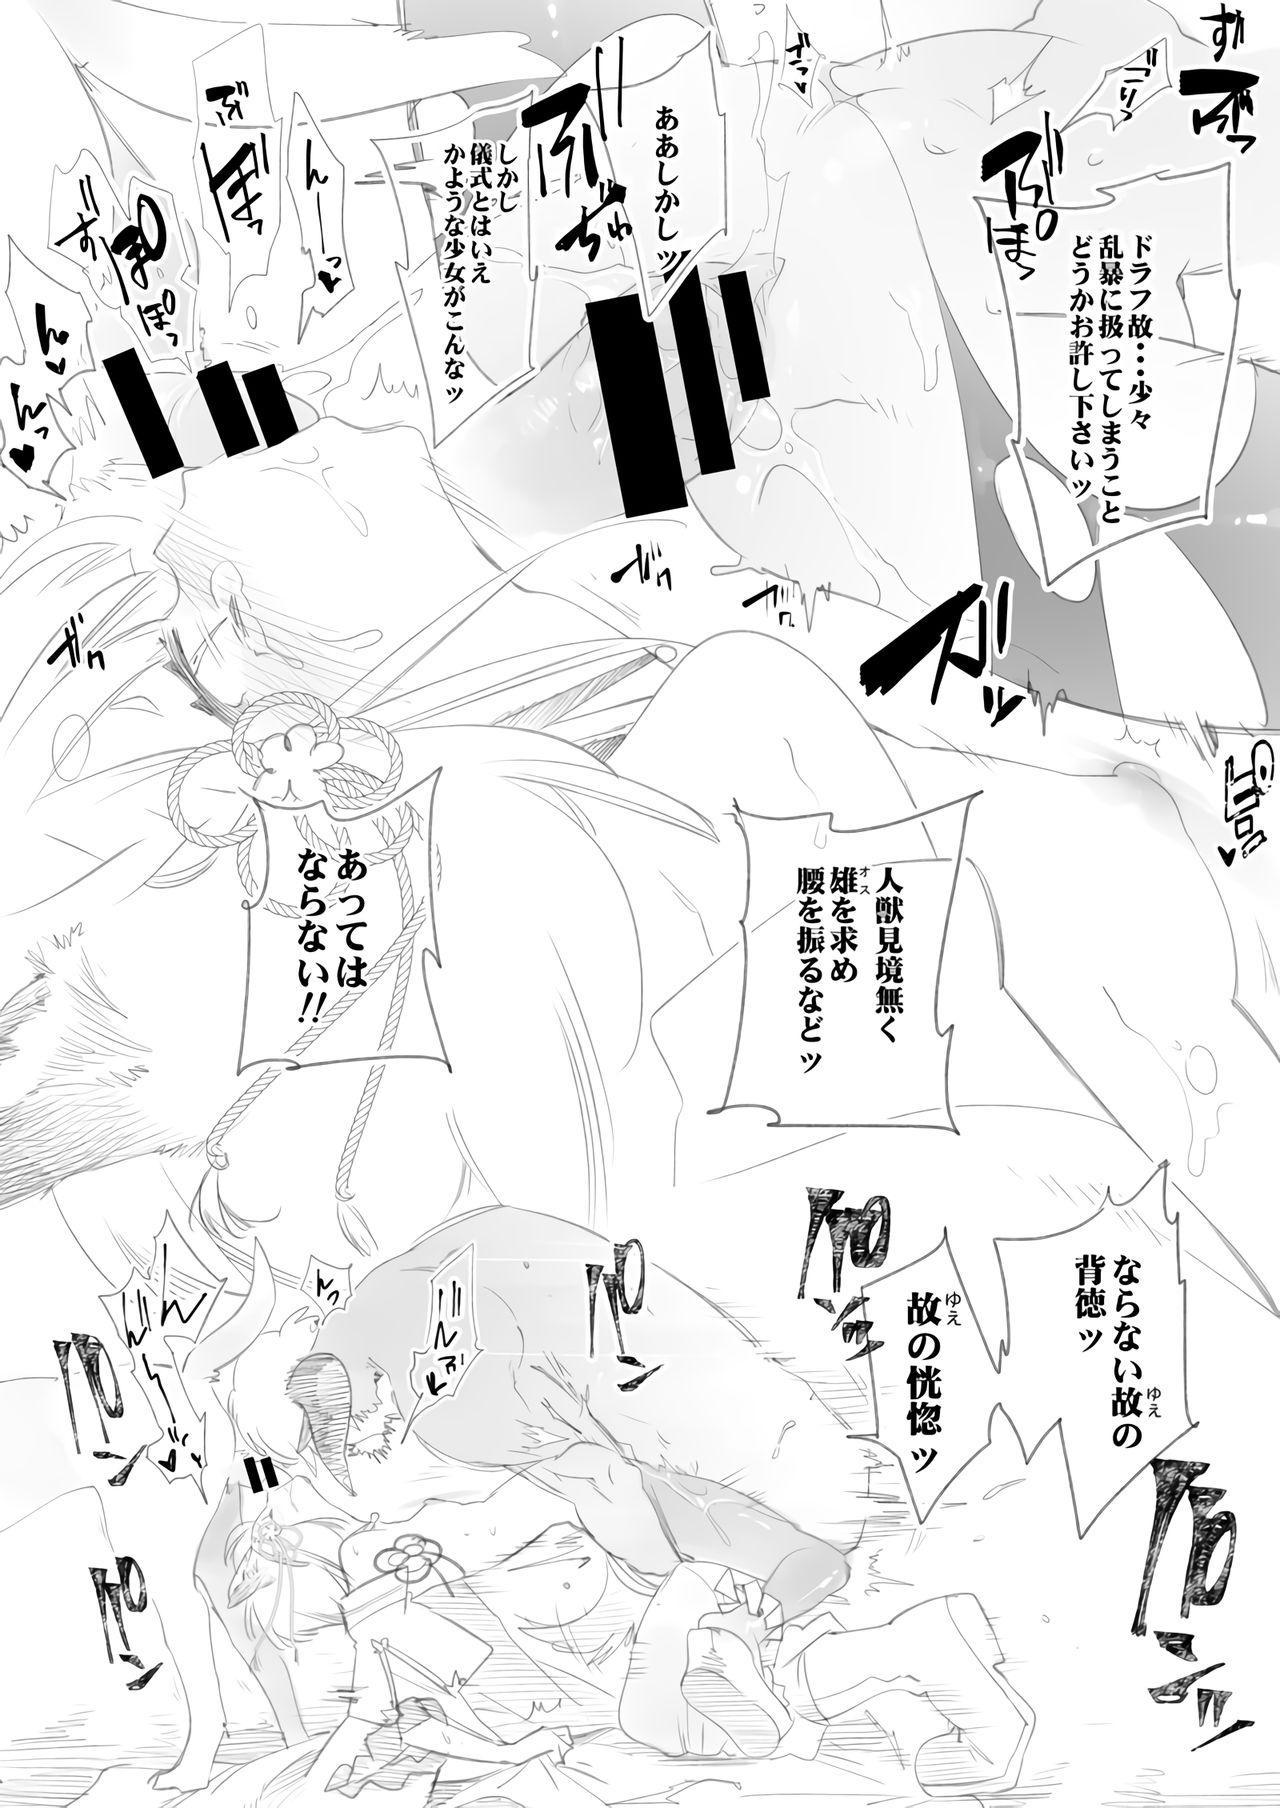 Kamishiki 01 6